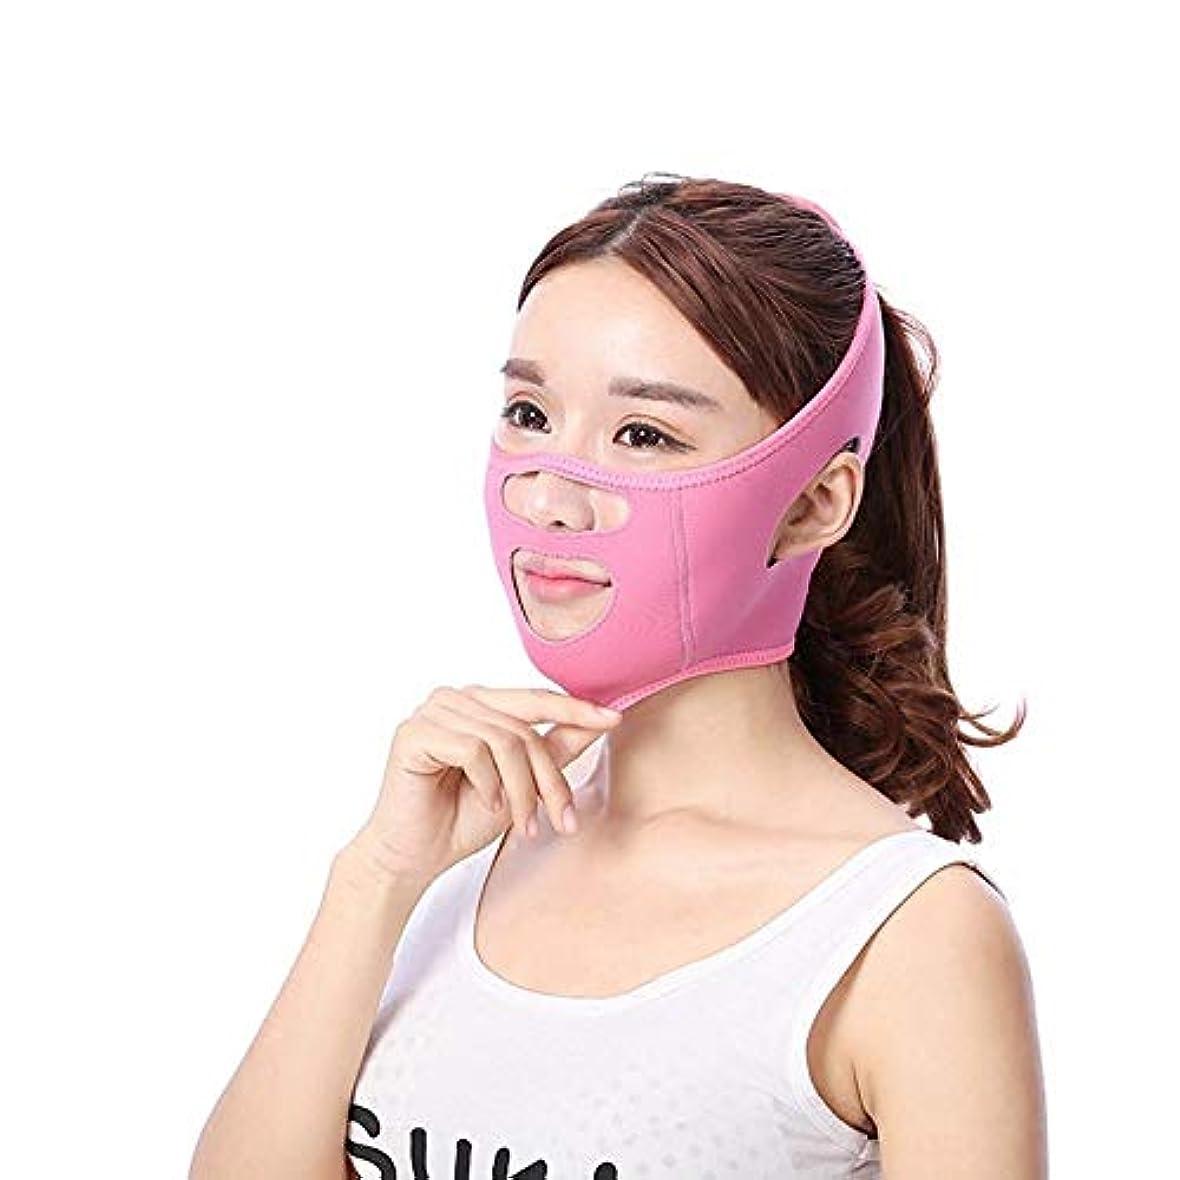 モック軽く名義でフェイスリフティングベルト、フェイスリフティング包帯フェイシャルマッサージV字型美容機器通気性の低下したダブルチンアンチエイジング (Color : Pink)